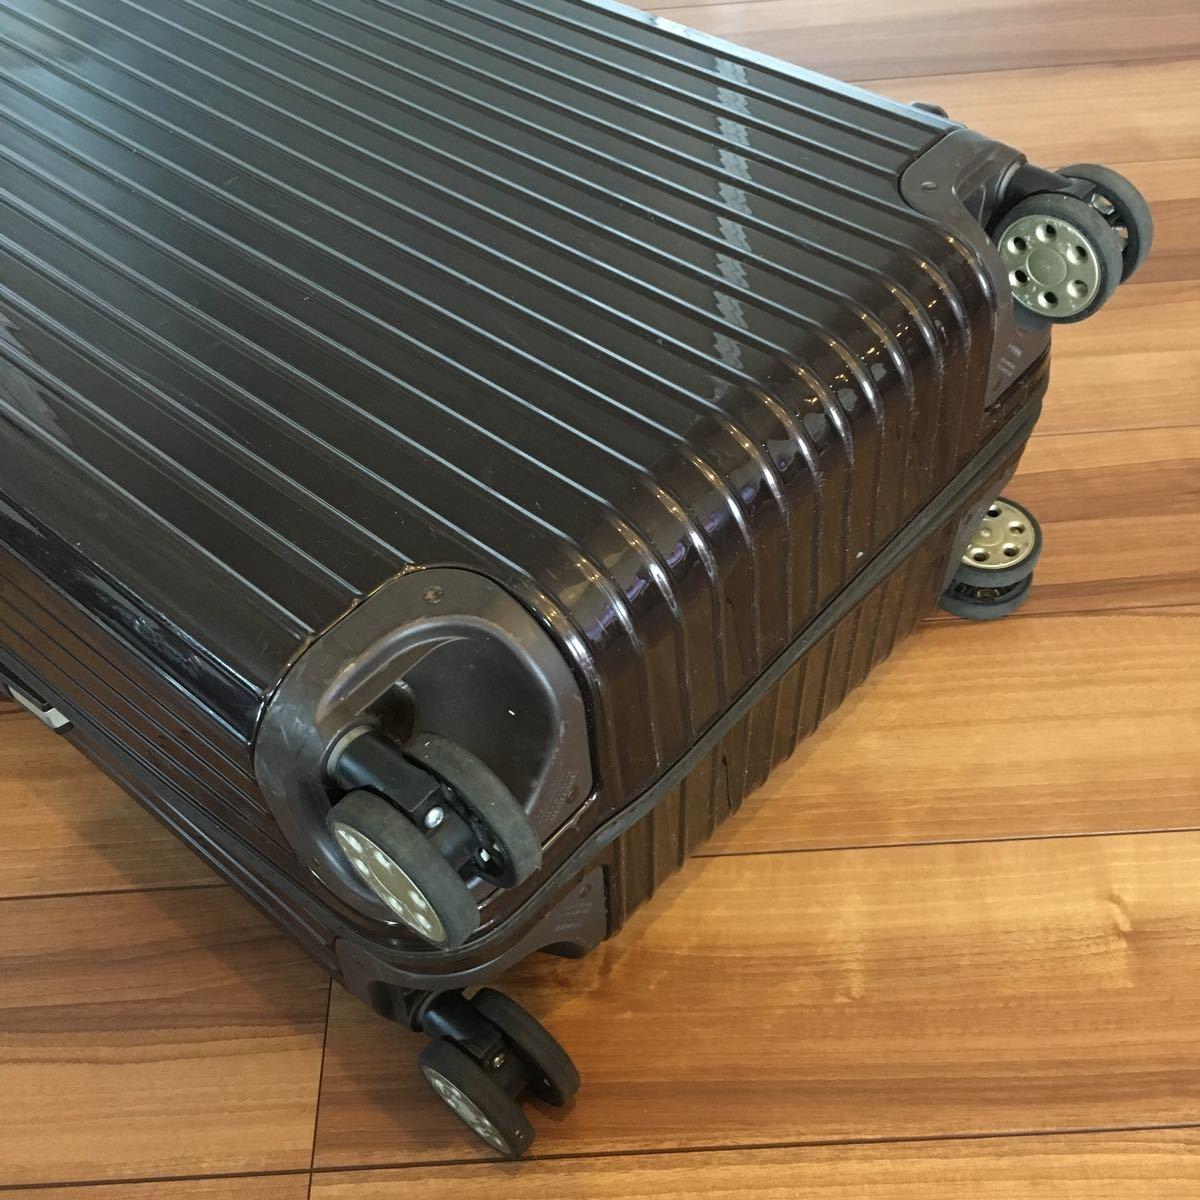 中古 RIMOWAリモワ サルサ デラックス 87L SALSA DELUXE キャリーバック スーツケース ブラウン 機内持ち込み不可 新型 TSA有 4輪 ゼロハリ_画像5